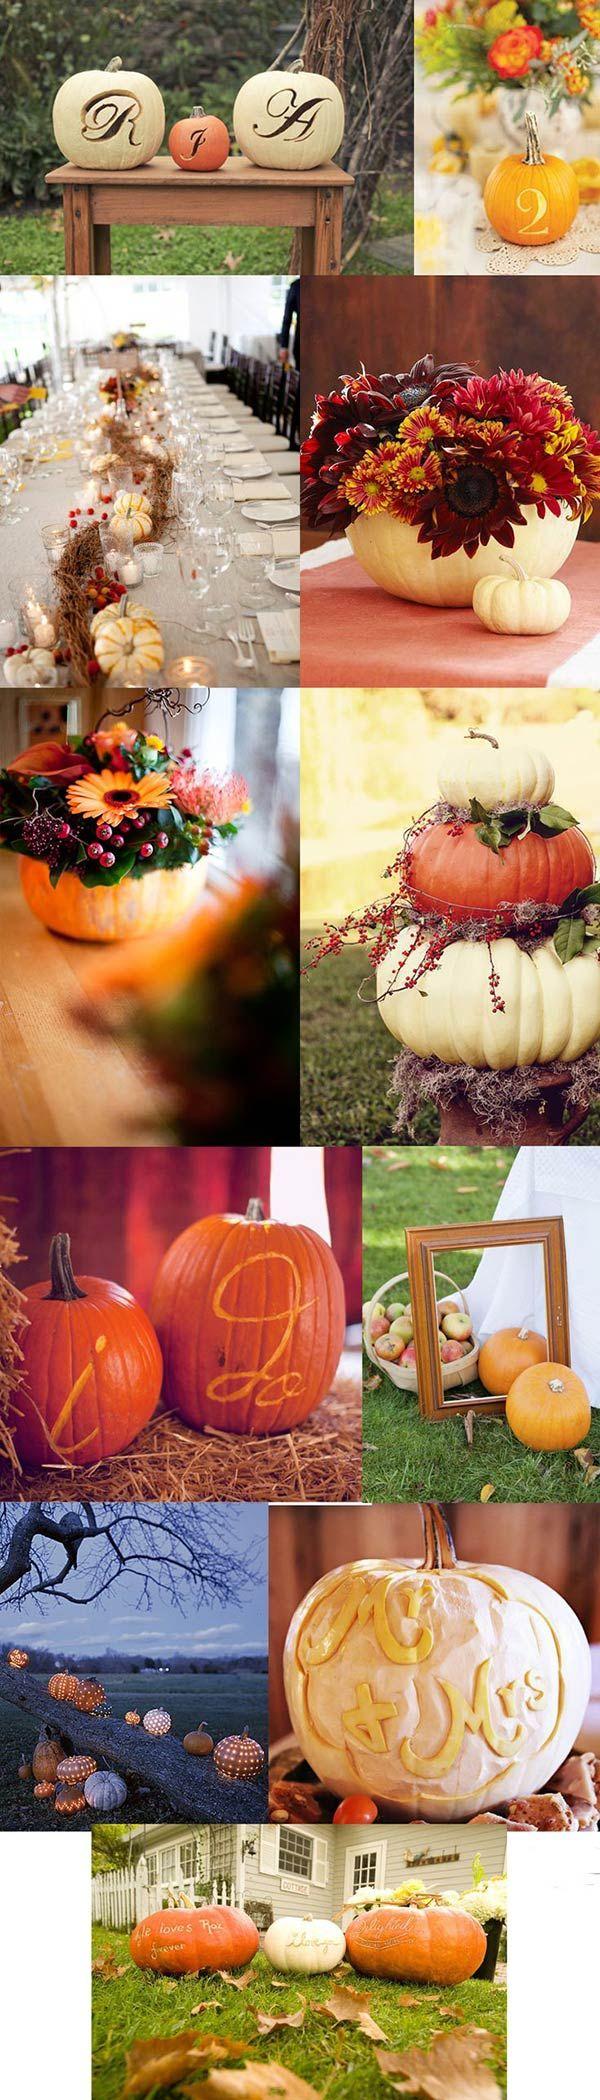 Zucche per il matrimonio autunnale #halloween #fall #wedding http://paperproject.it/lifestyle/zucchero-e-confetti/matrimoni-autunno-inspirational-board/